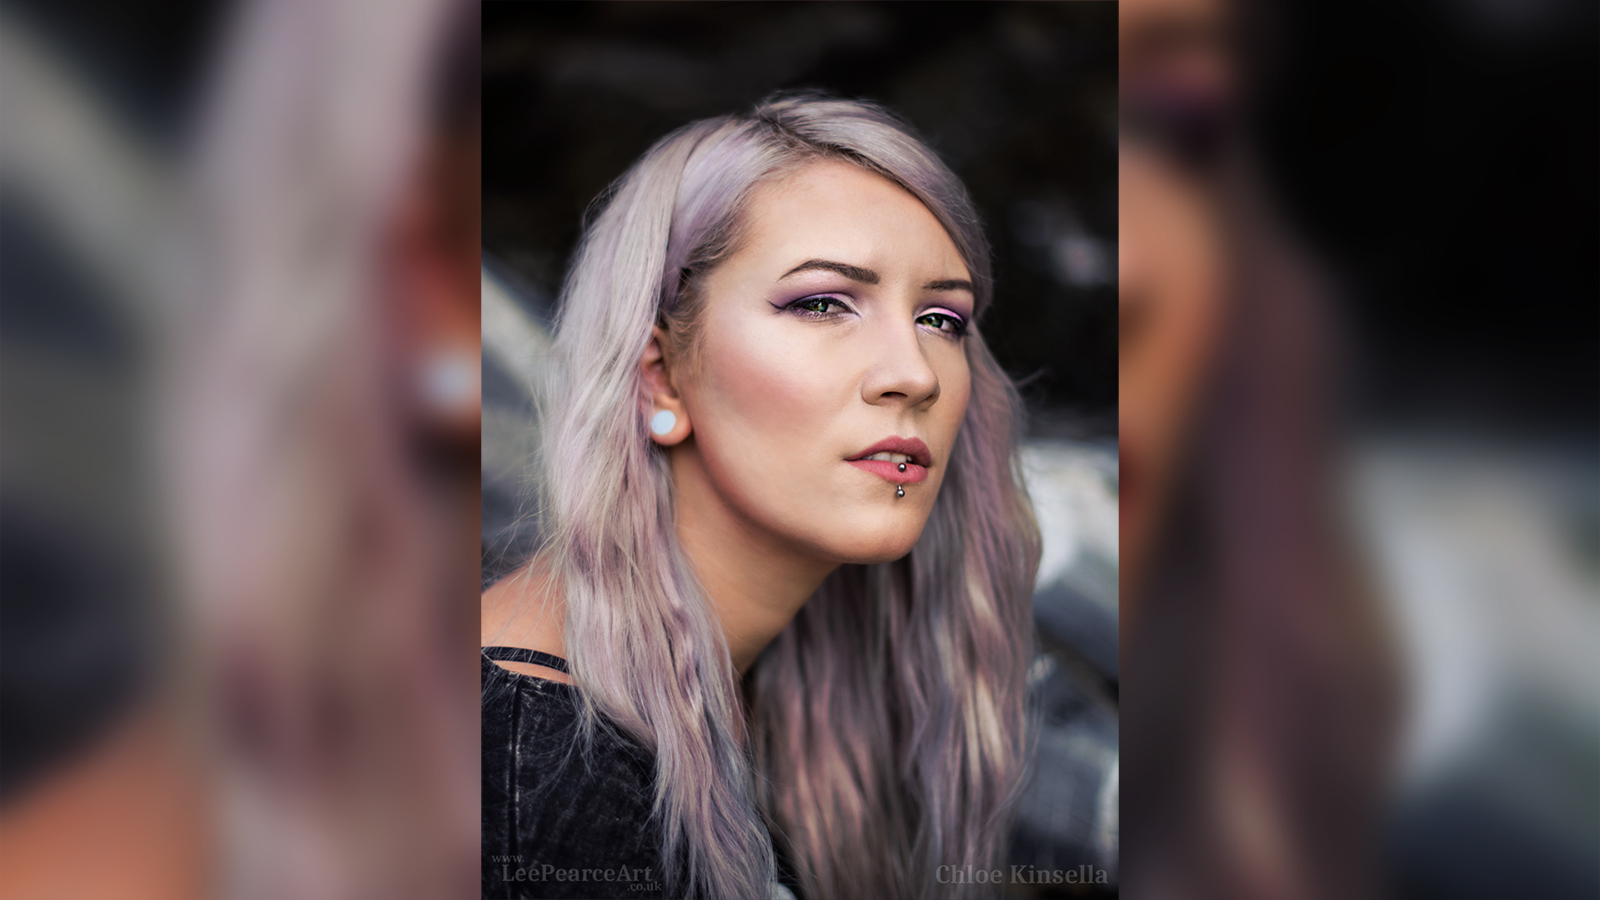 ChloeK7